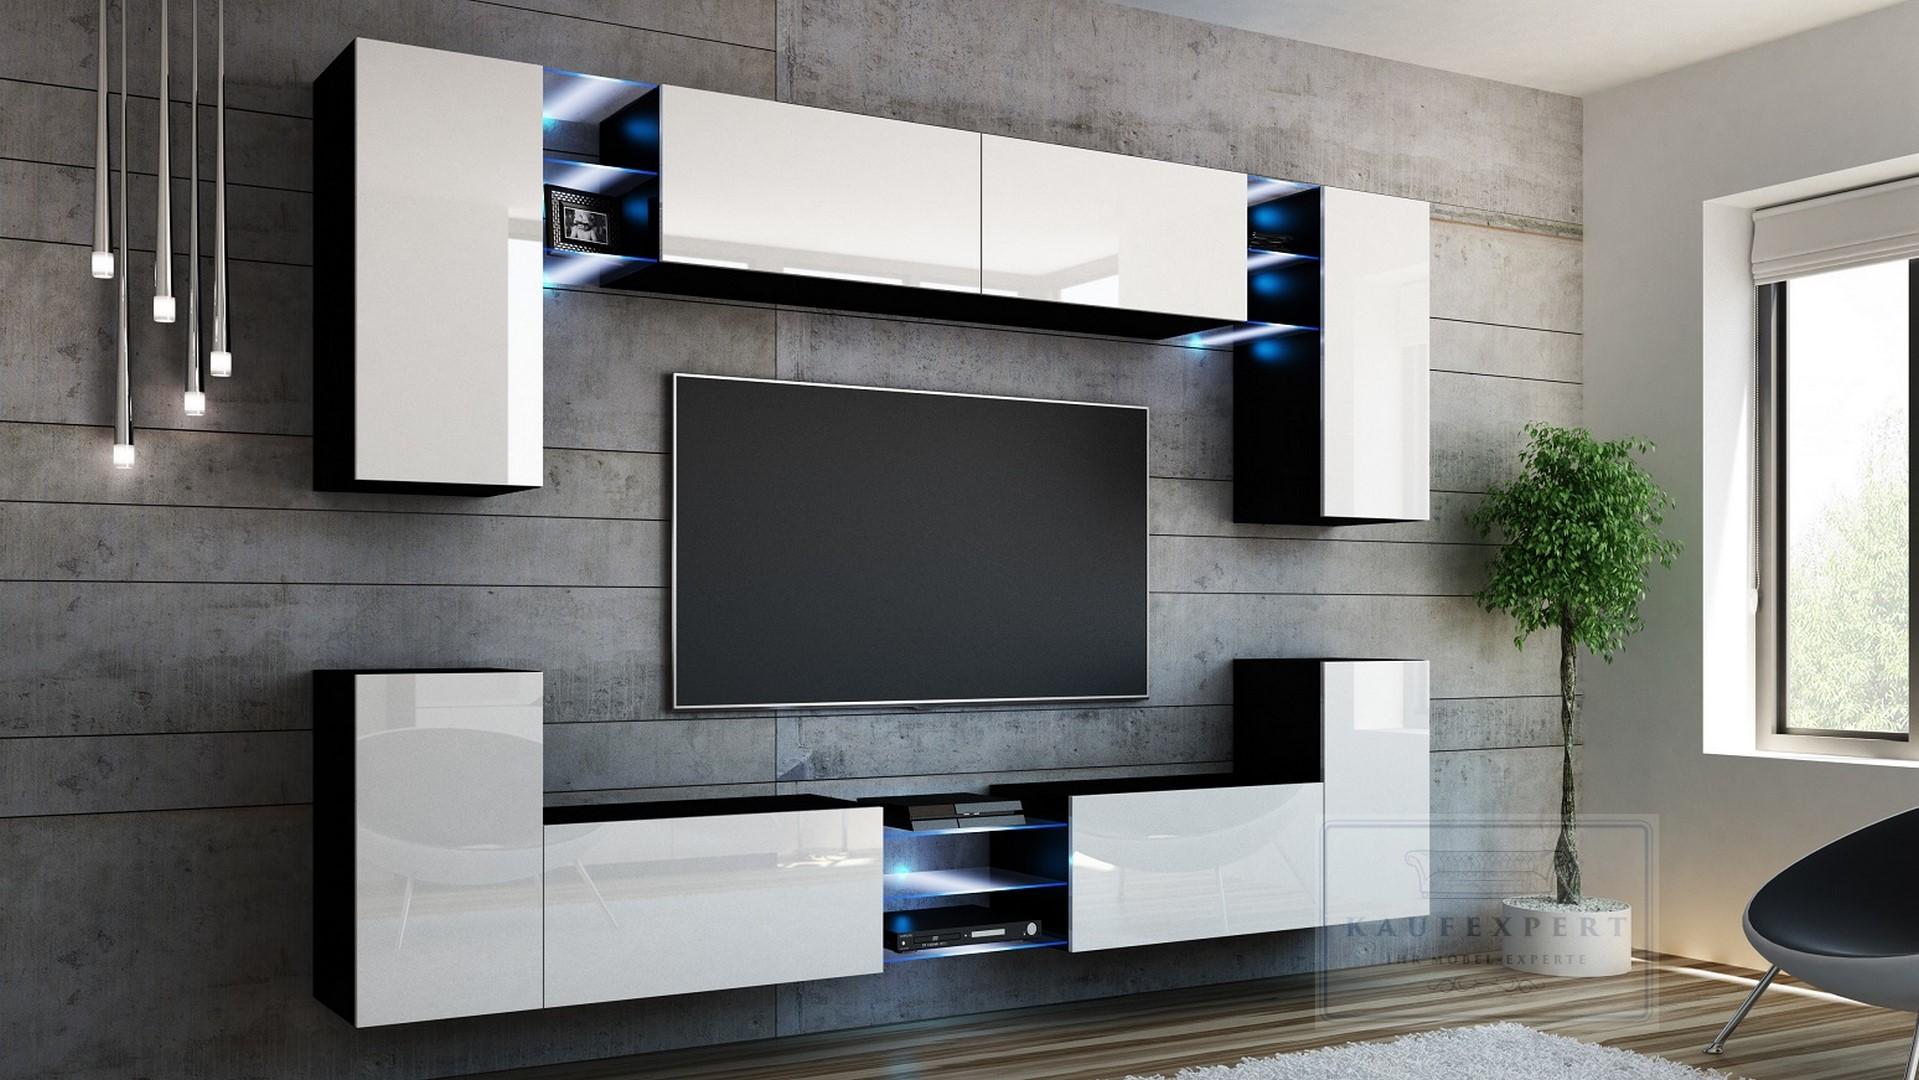 Wohnwand weiß schwarz hochglanz  Wohnwand Galaxy Weiß/Schwarz Hochglanz Anbauwand Wohnwand LED ...